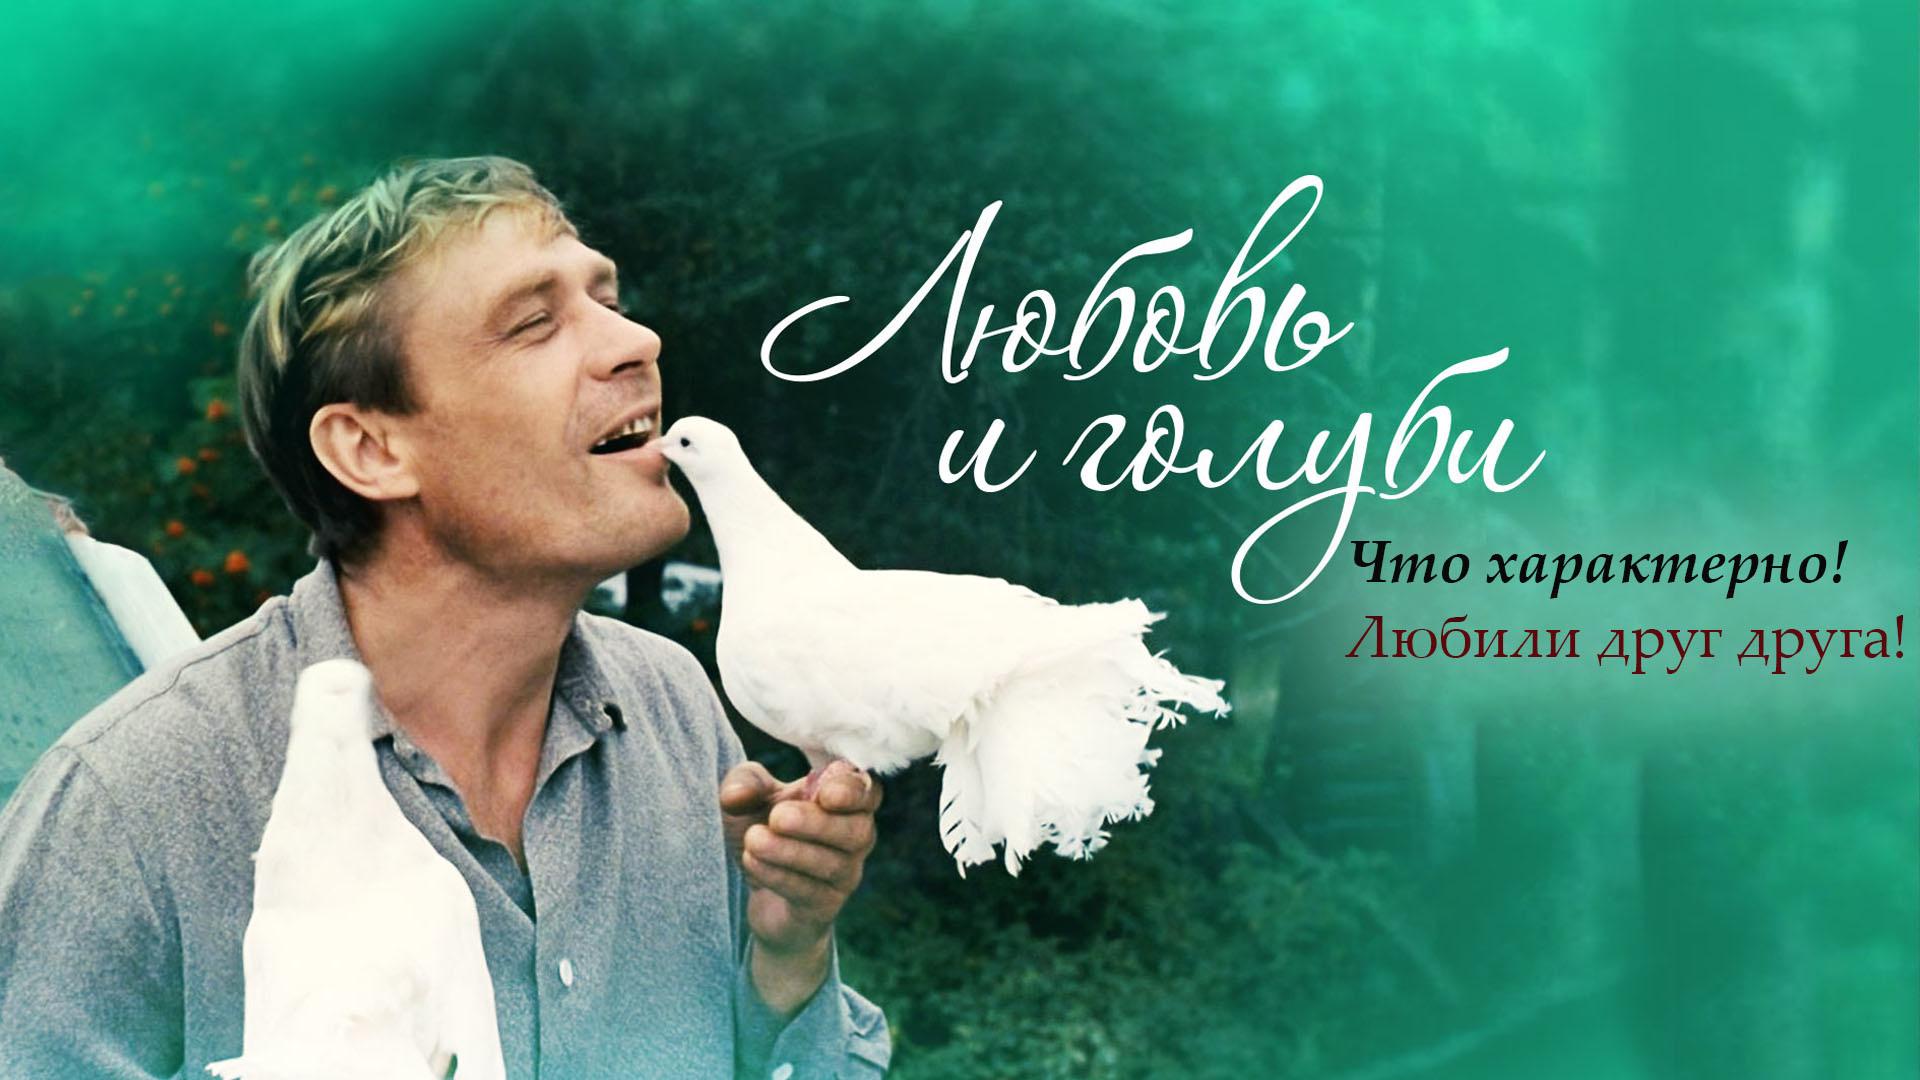 """""""Любовь и голуби"""". Что характерно! Любили друг друга!"""